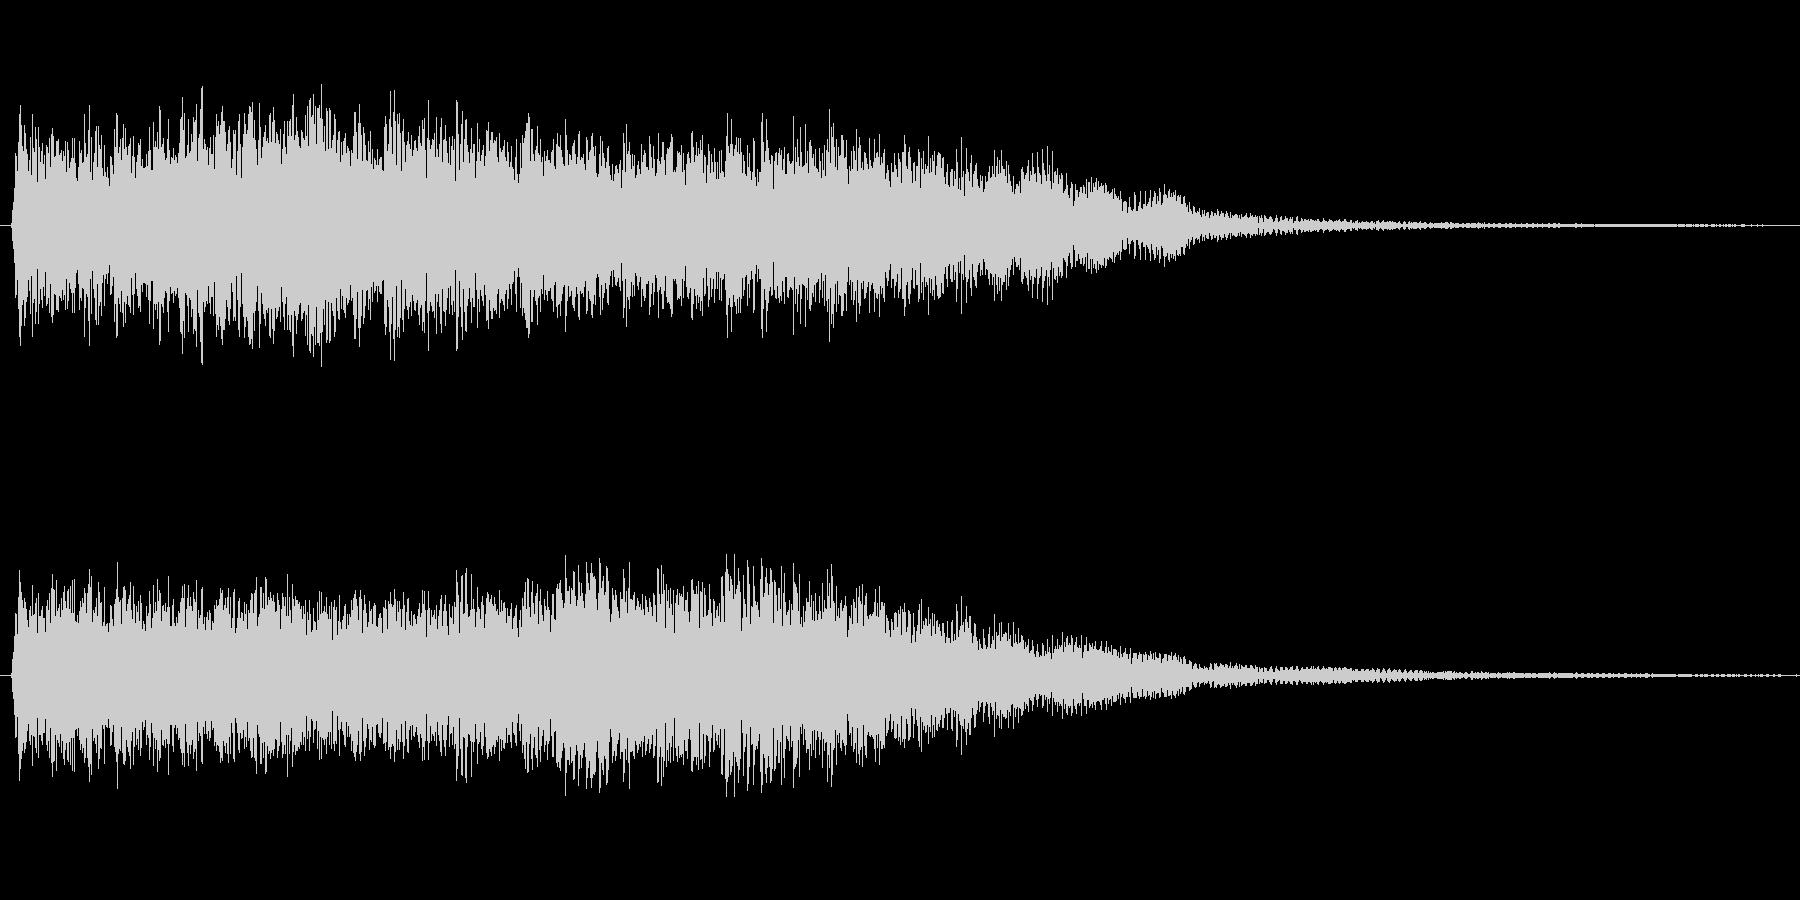 摩擦音や鳴き声等多用途に使える効果音ですの未再生の波形